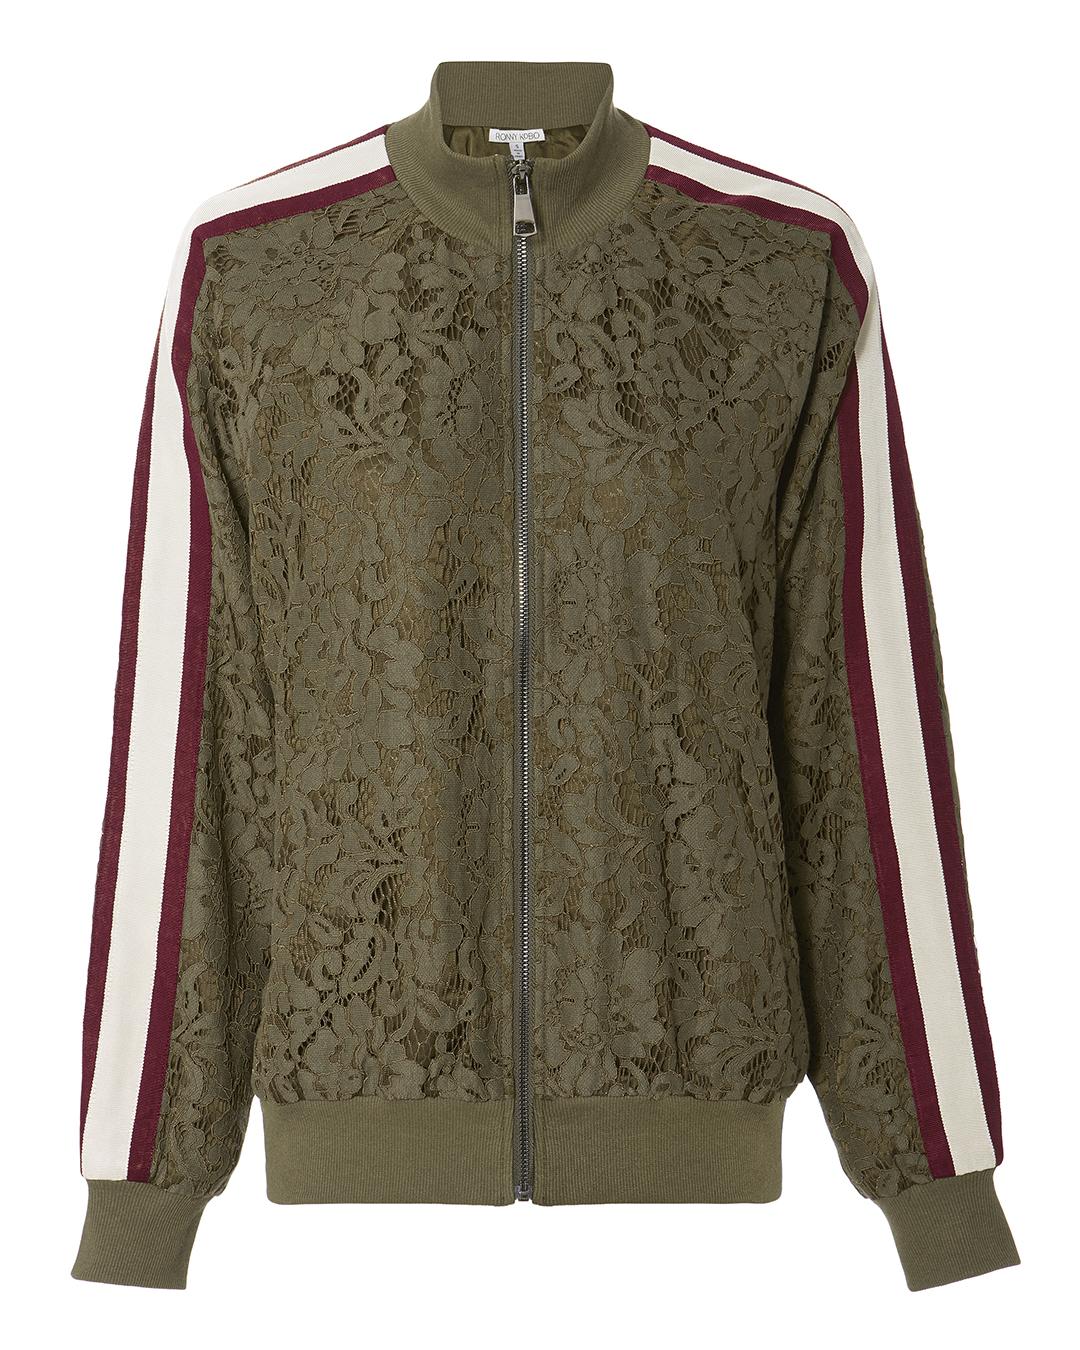 TORN Binta Lace Jacket